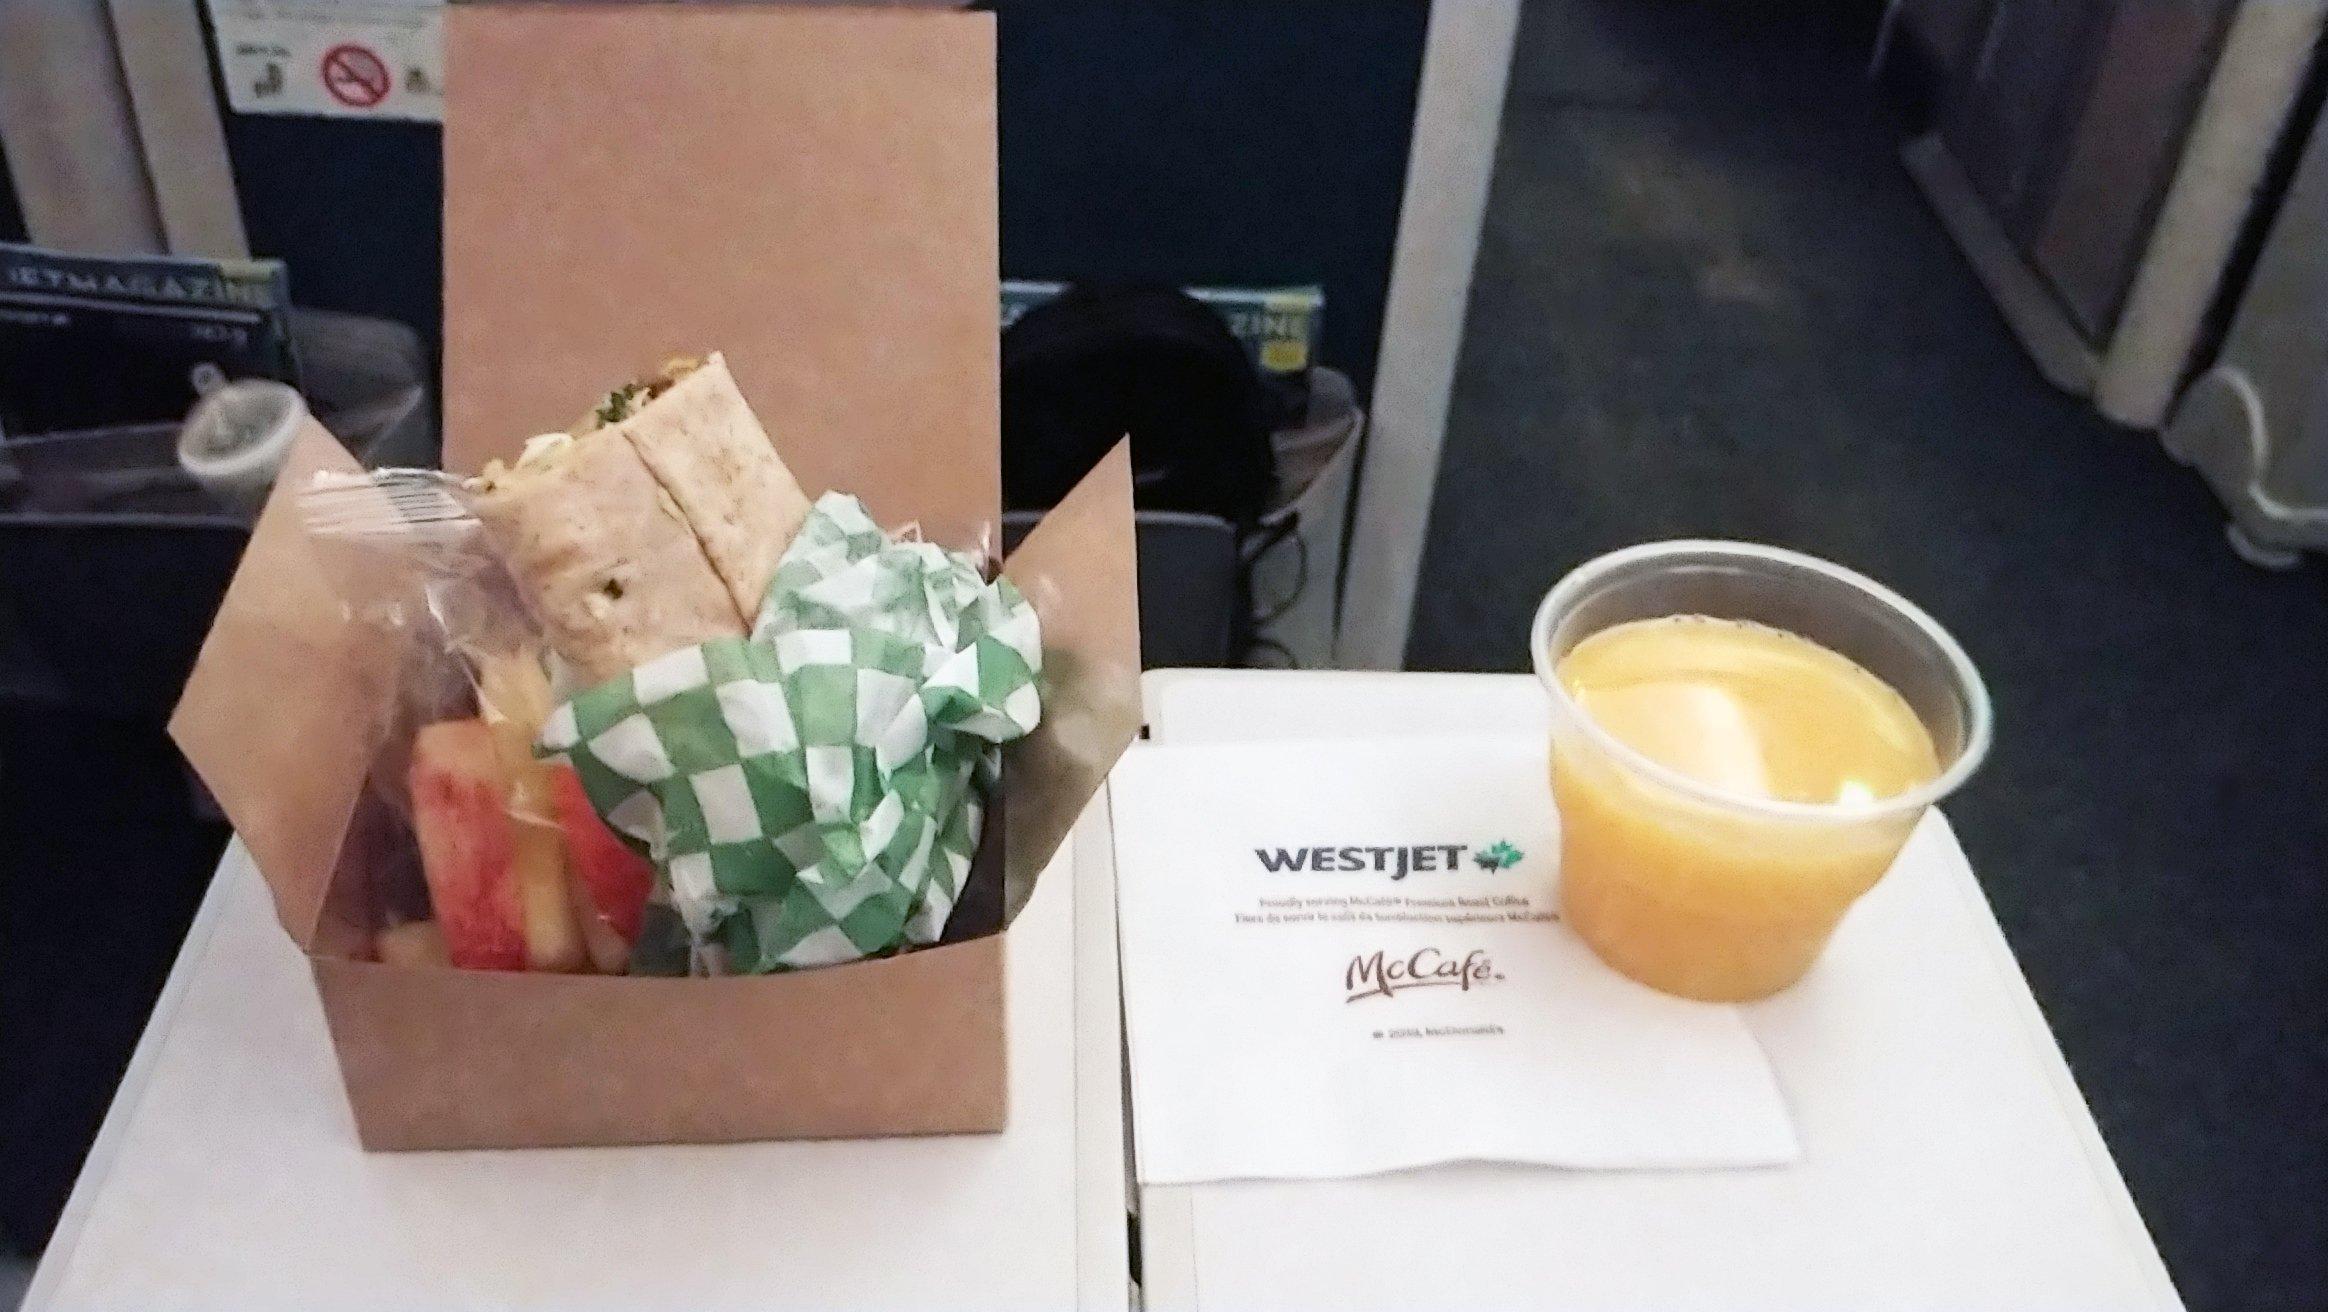 westjet economy class meal